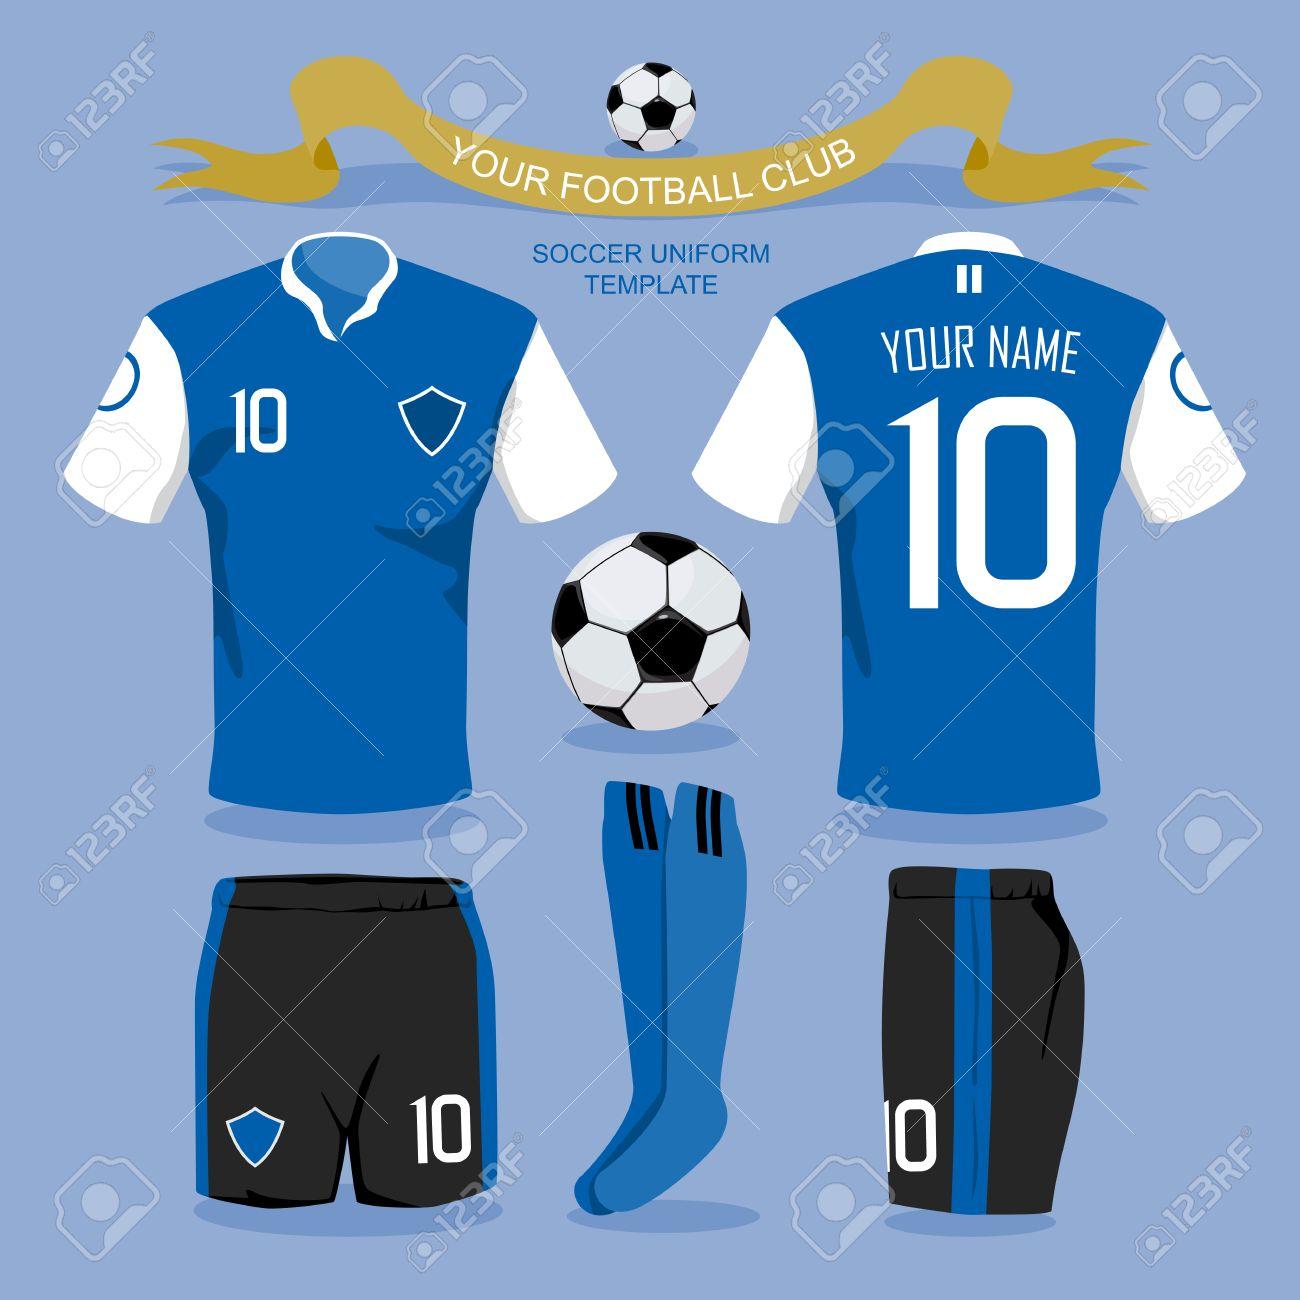 Foto de archivo - Plantilla uniforme del fútbol por su club de fútbol 3b022c9150098